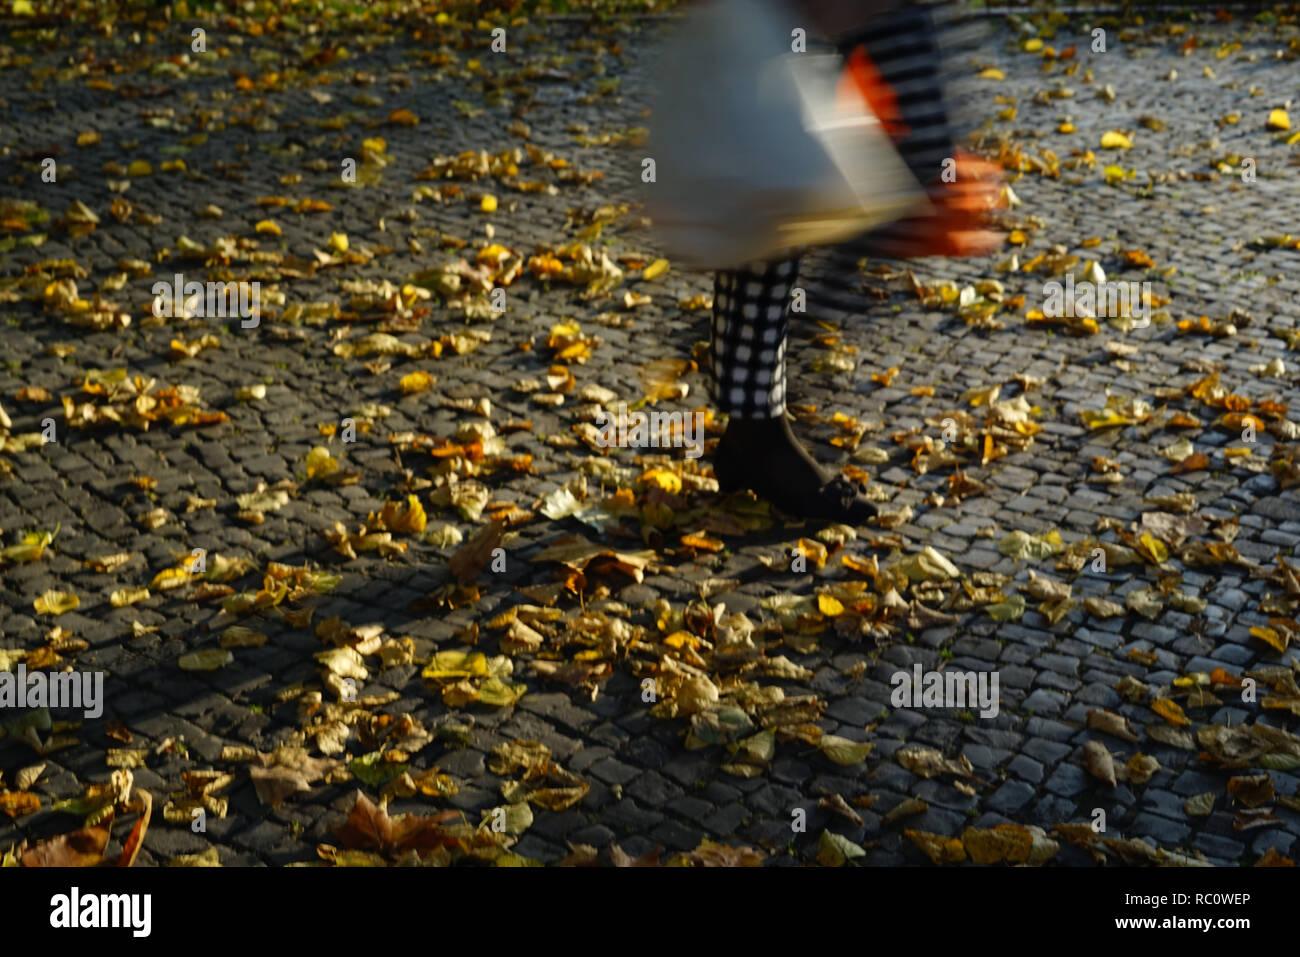 Berlin Savignyplatz Herbst Tiergarten Herbst - Stock Image